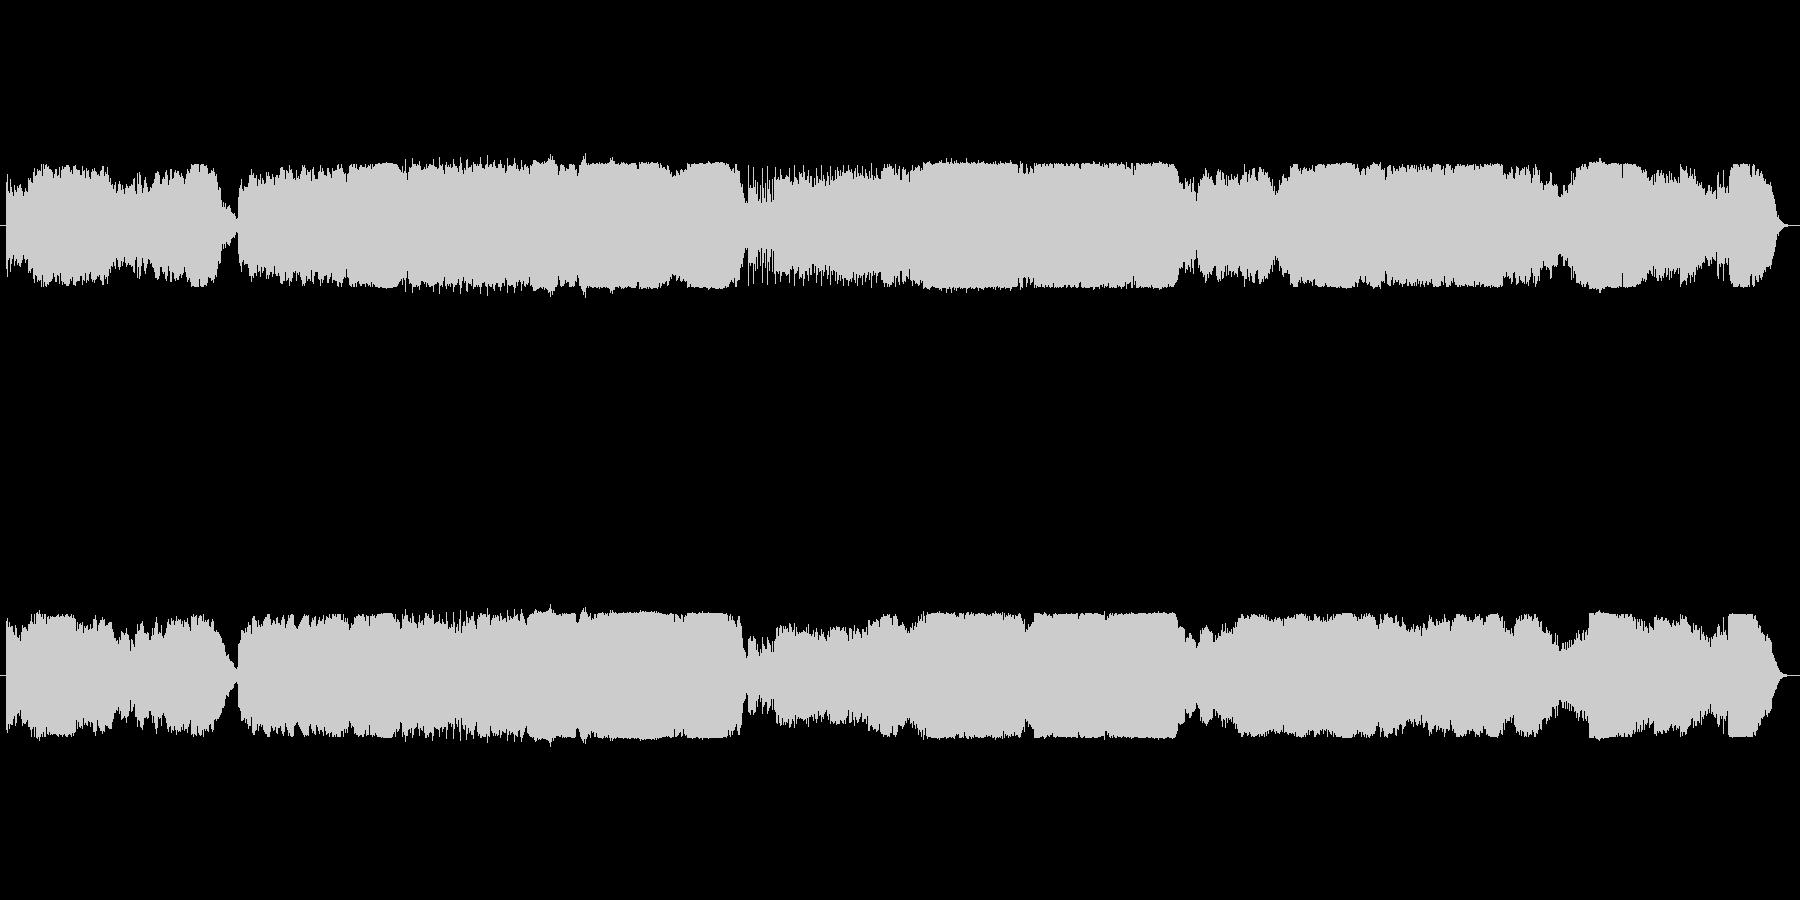 オーケストラ 爆発 ドカーンの未再生の波形